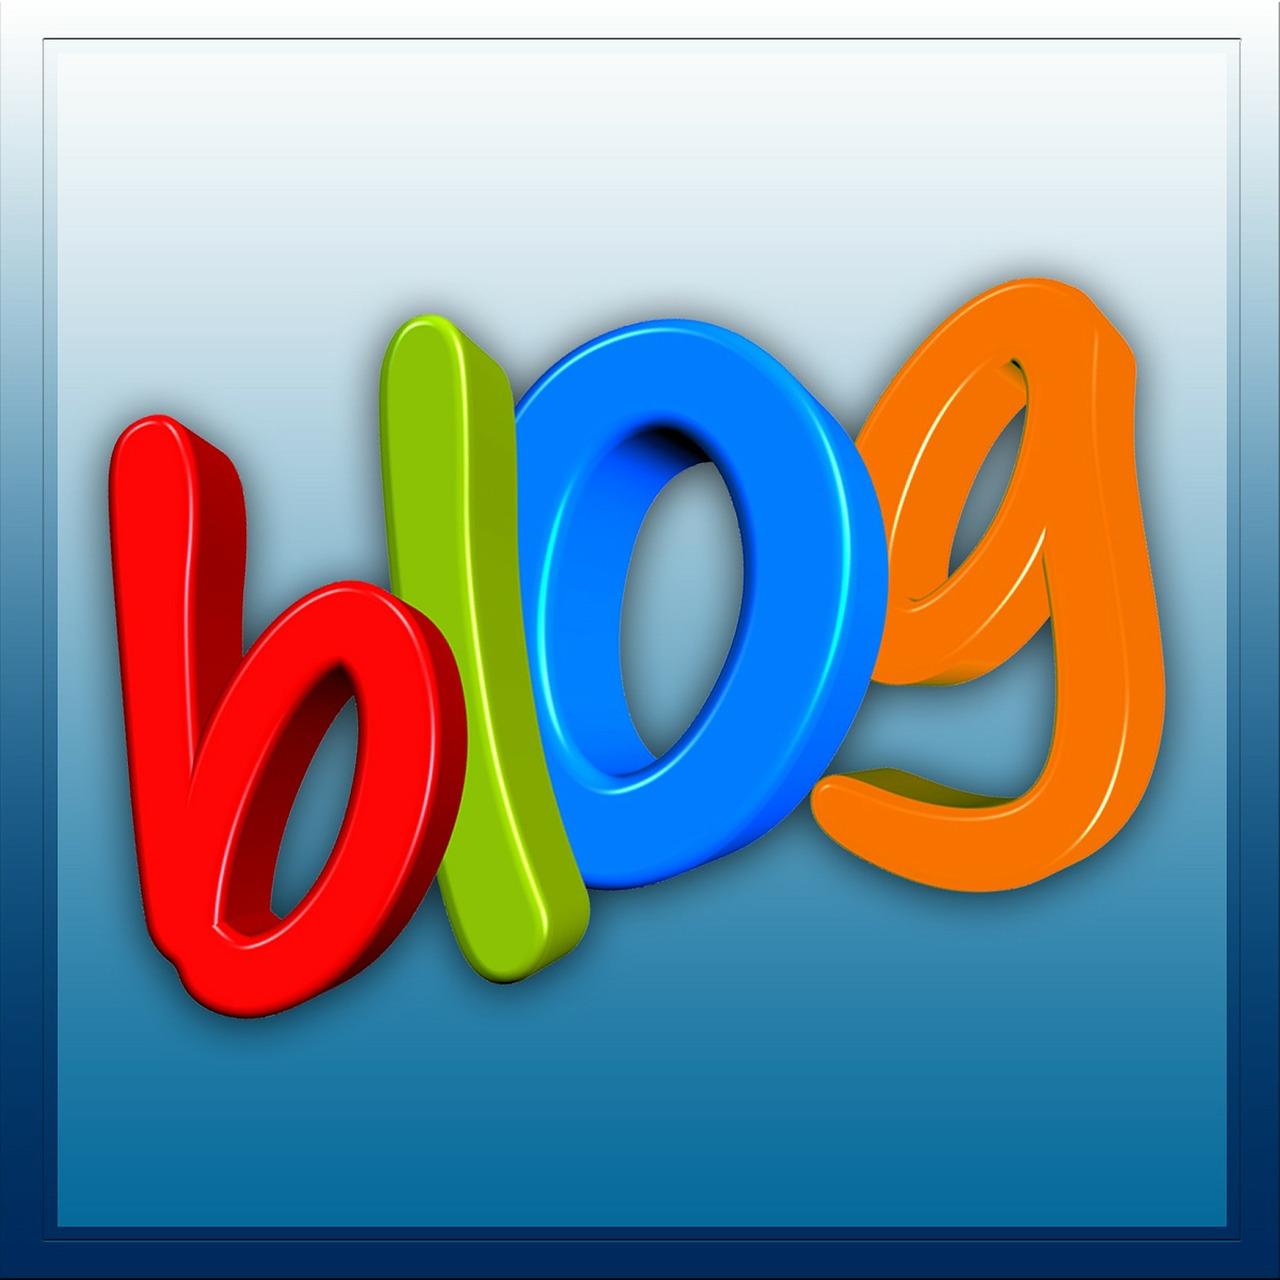 37 من مقالاتي في مدونة حسوب